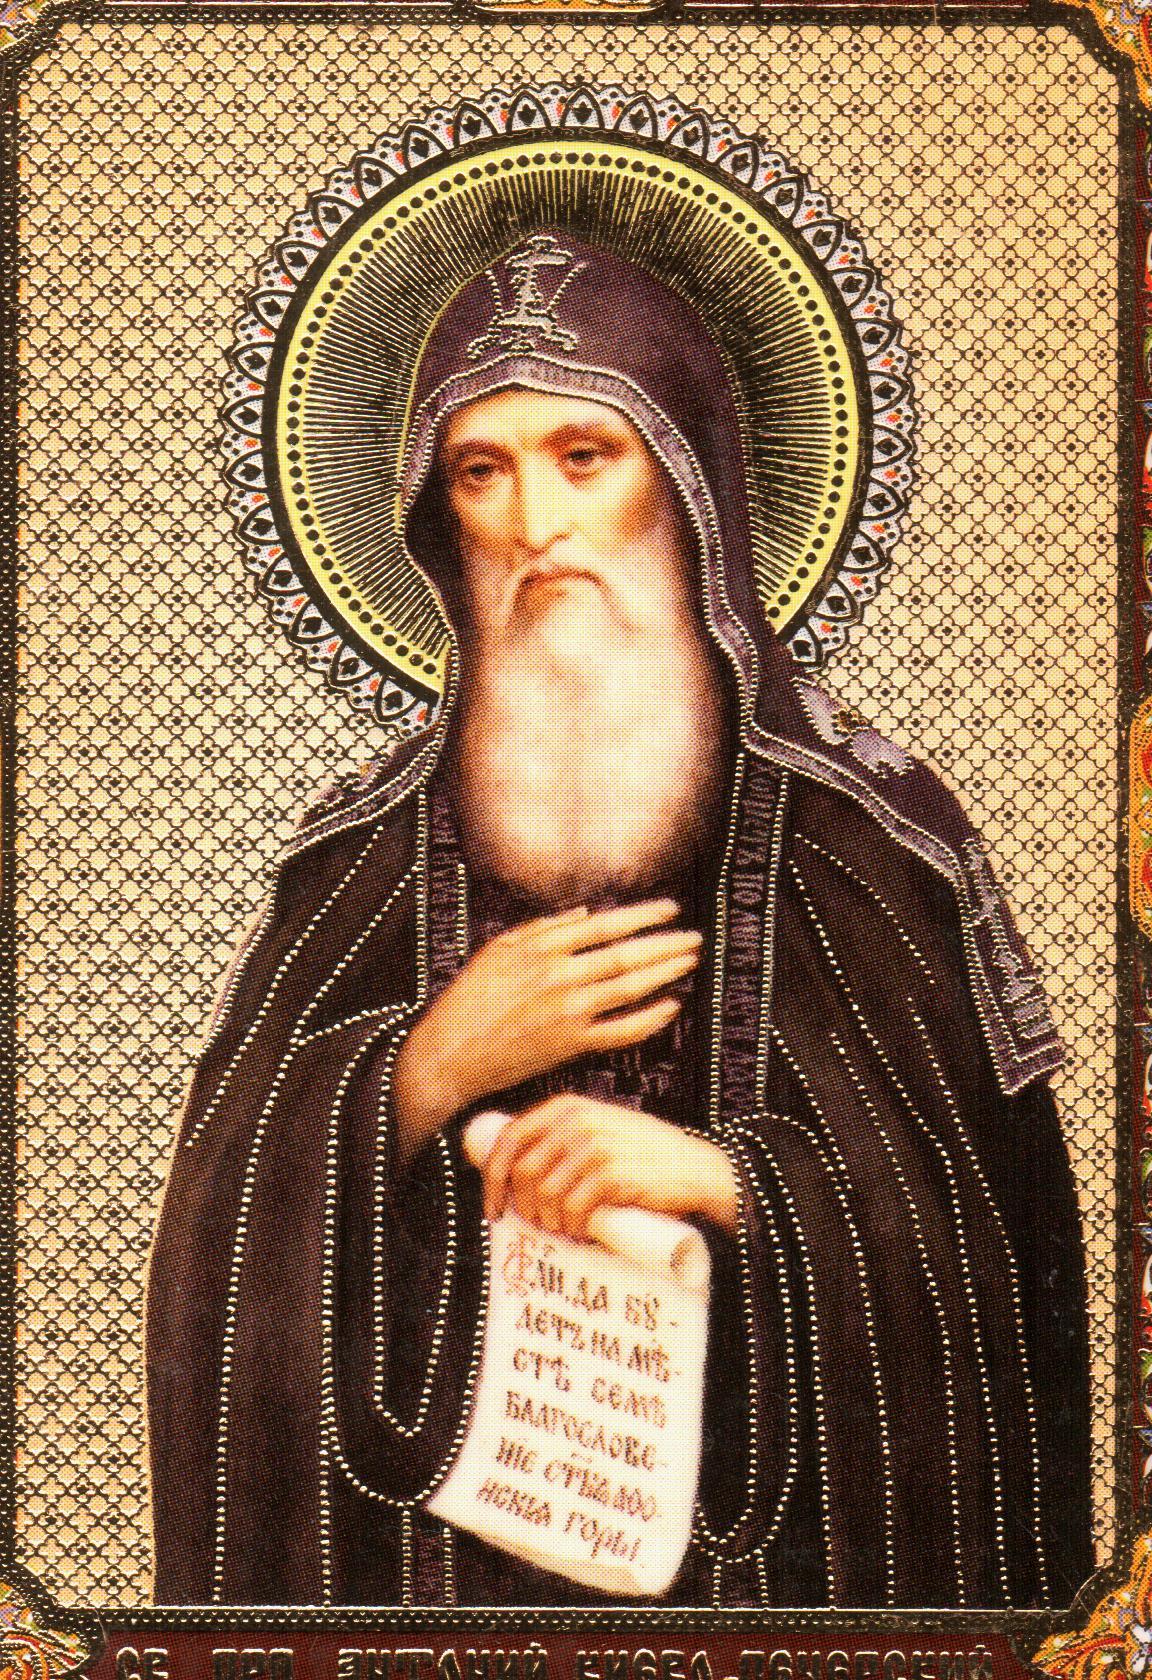 Преподобный Антоний Печерский, начальник всех русских монахов